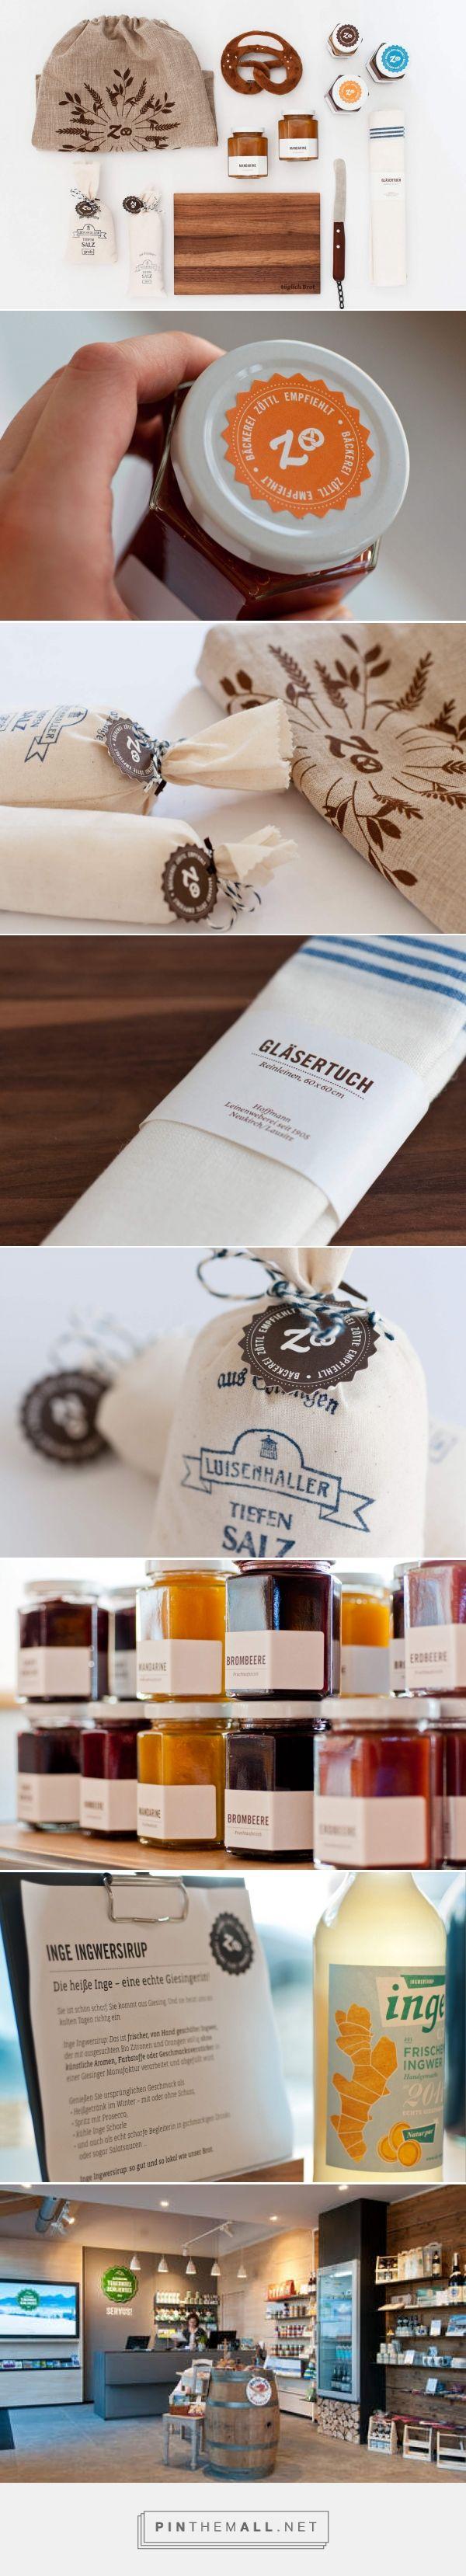 Bäckerei Zöttl Authentisches Handelswarenkonzept | Marken- und Design-Agentur Zeichen & Wunder curated by Packaging Diva PD.  Packaging goodies looks like a nice place to shop.